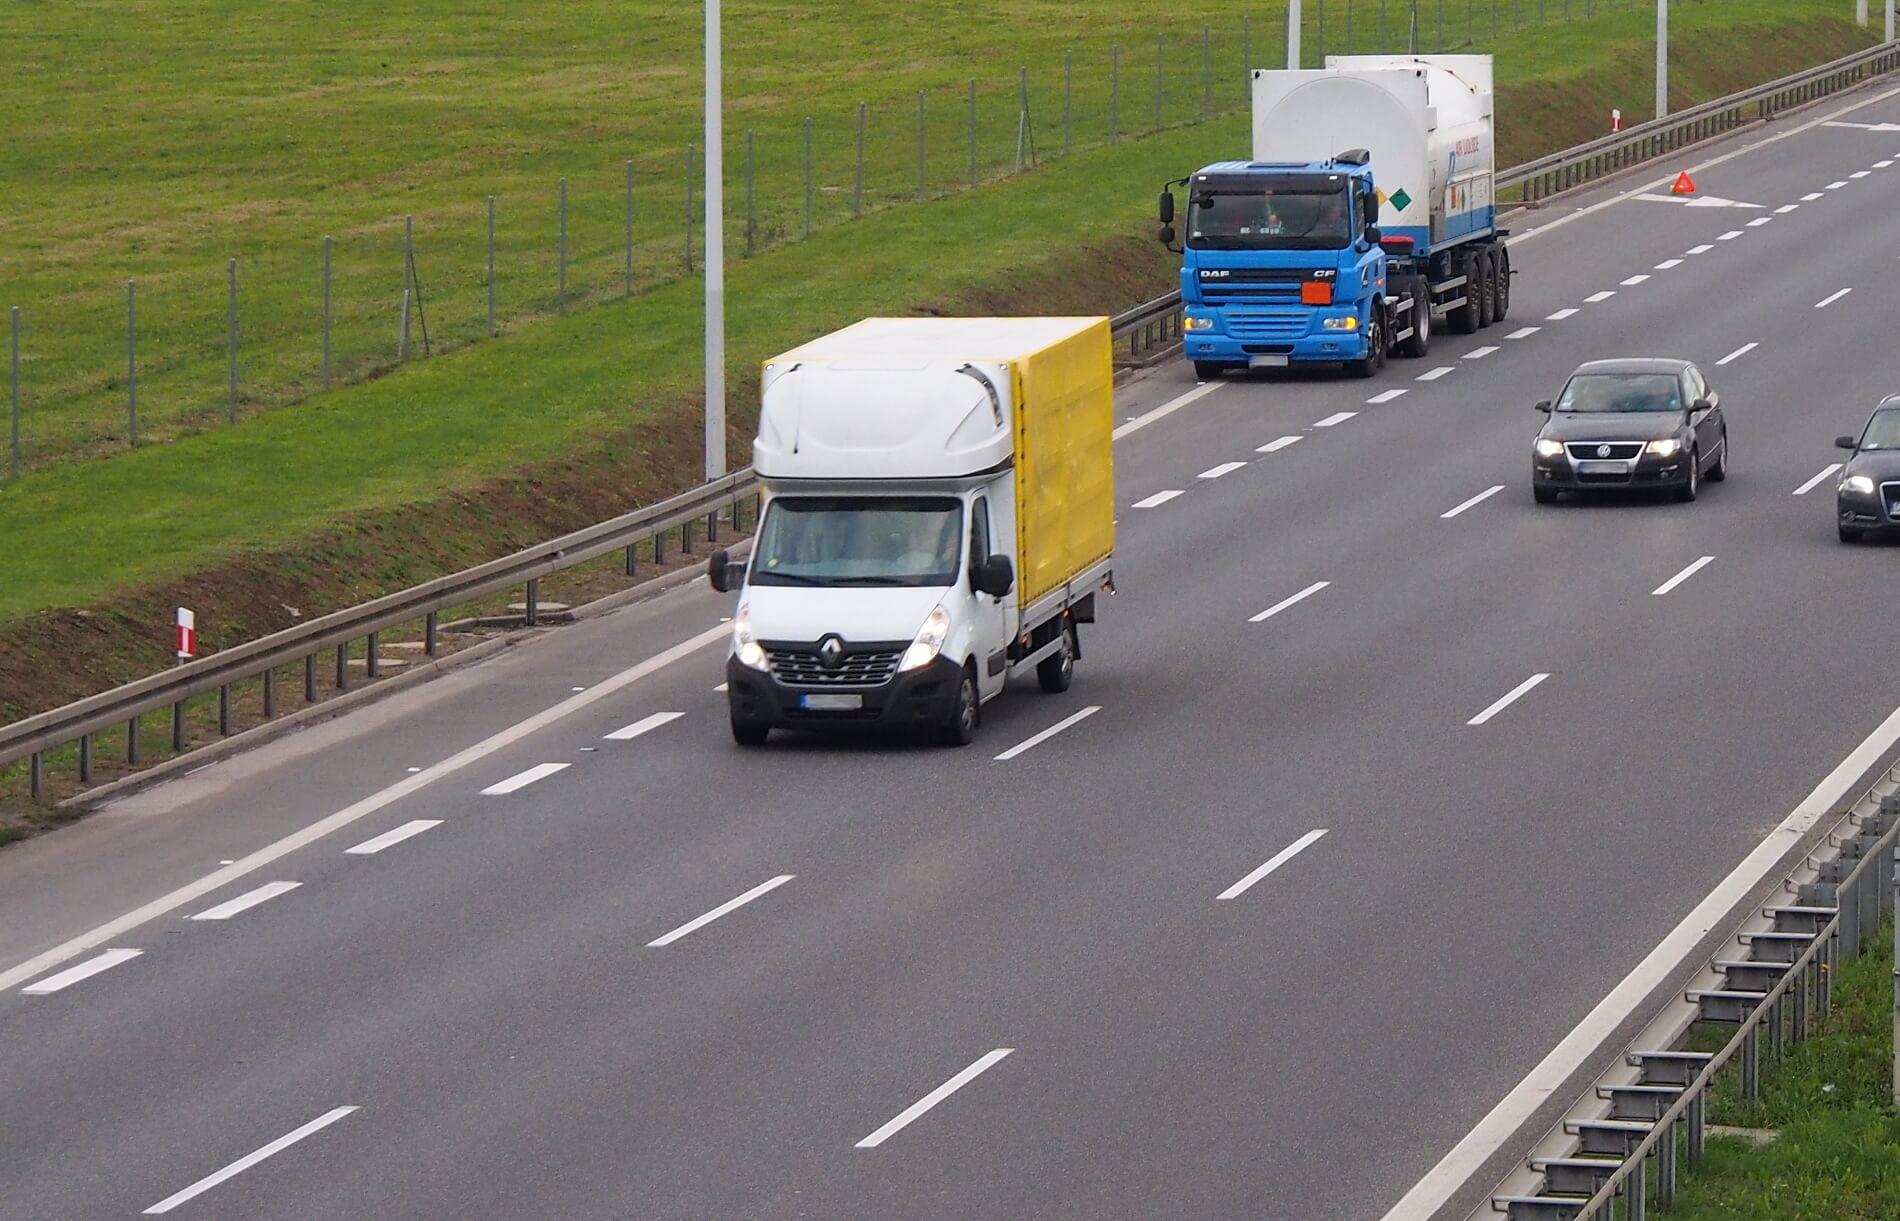 Francuski rząd stworzył aplikację do walki z nielegalną pracą w lekkim transporcie